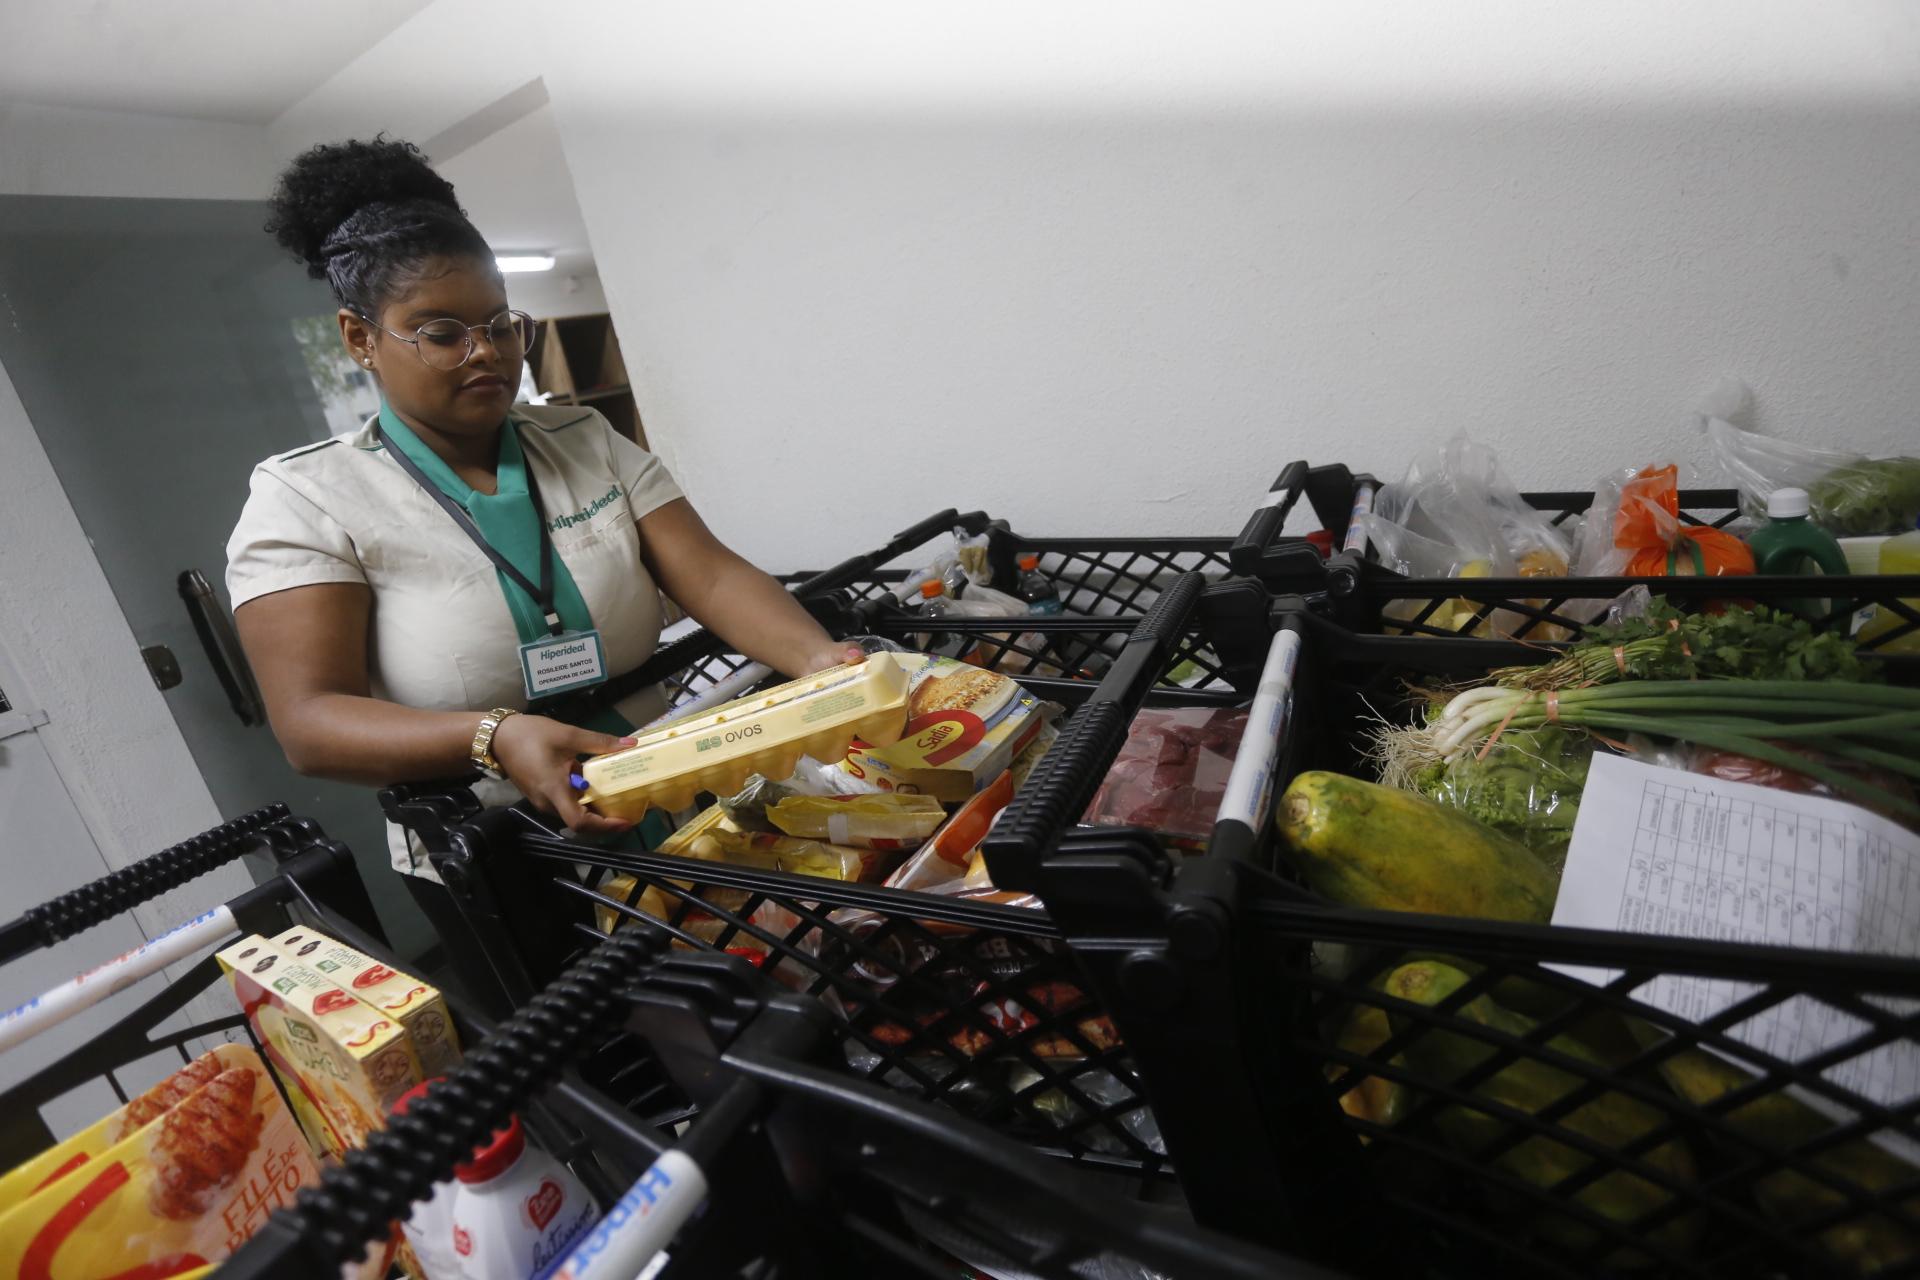 O decreto também recomenda que o serviço de delivery dê prioridade aos idosos